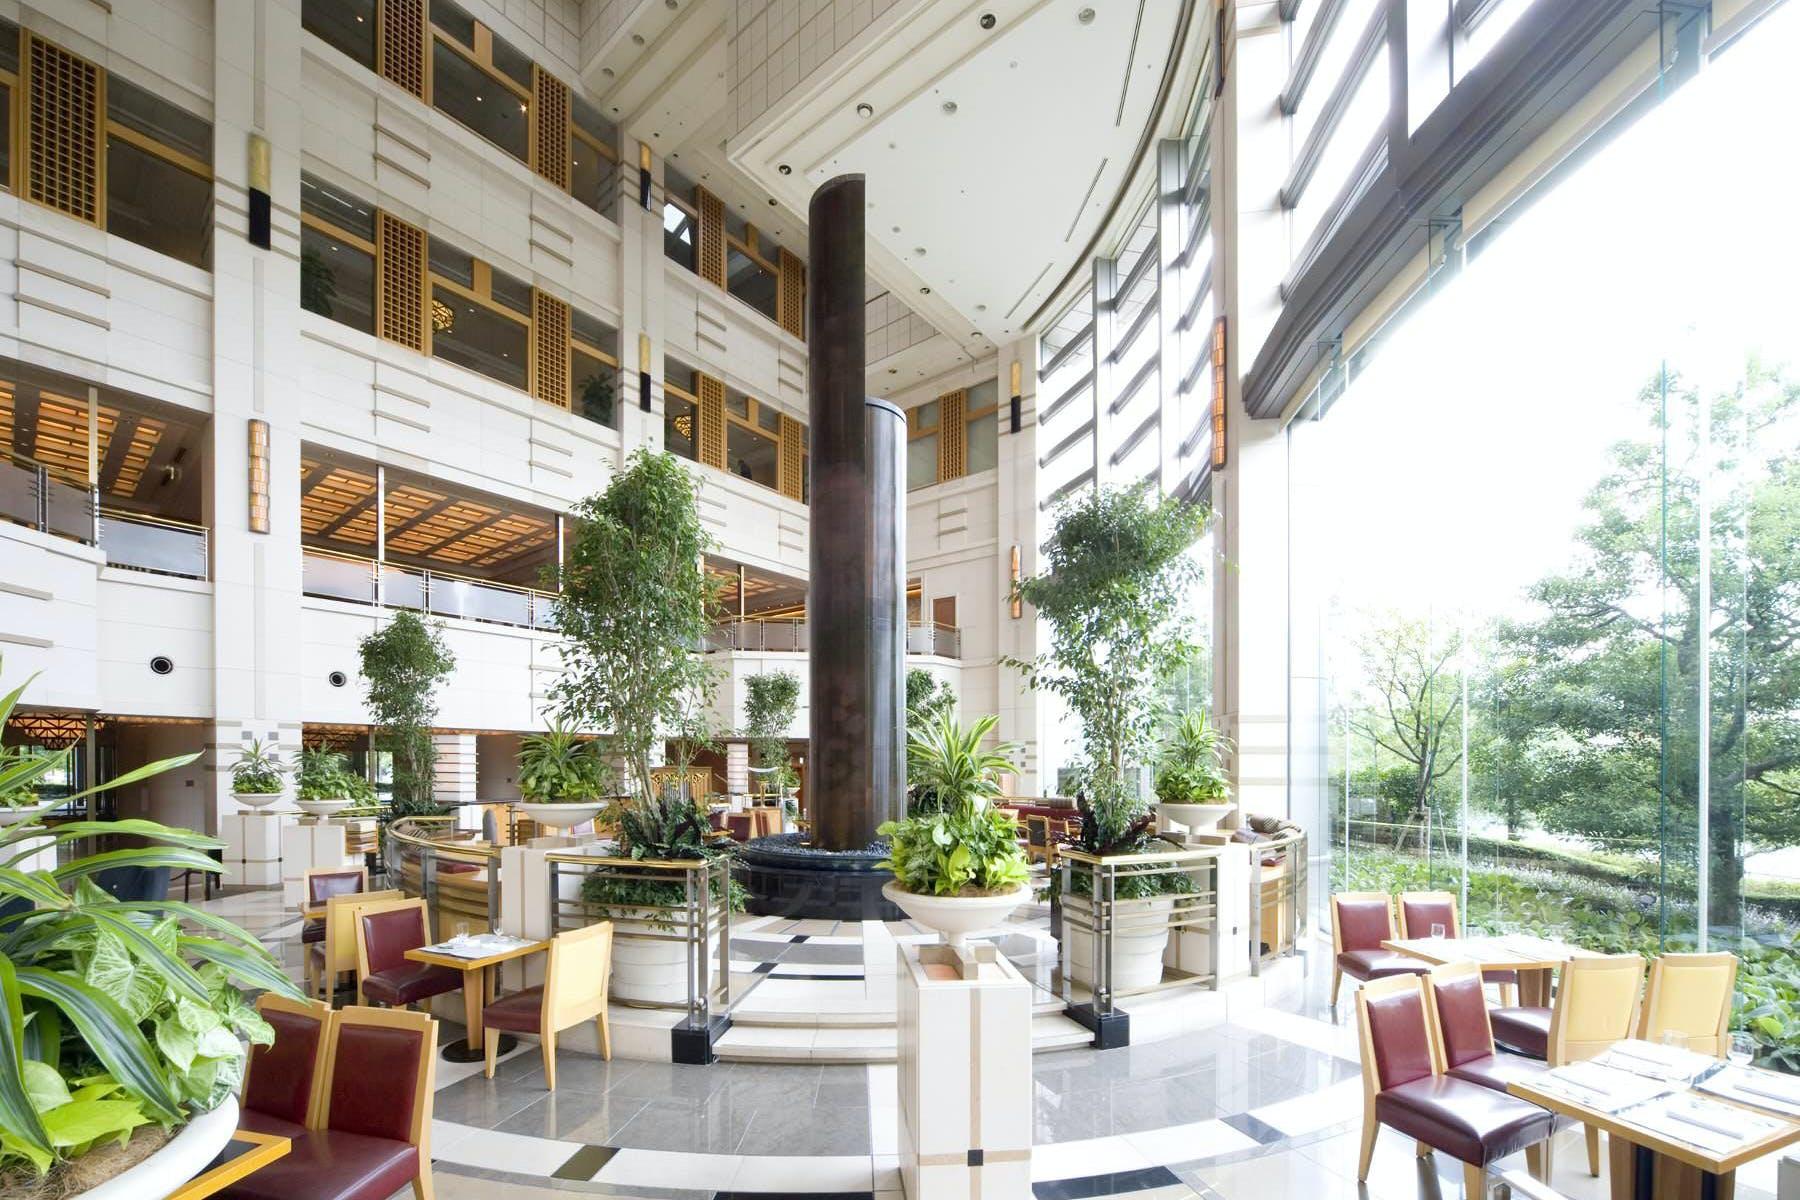 ザ パーク 帝国ホテル大阪内